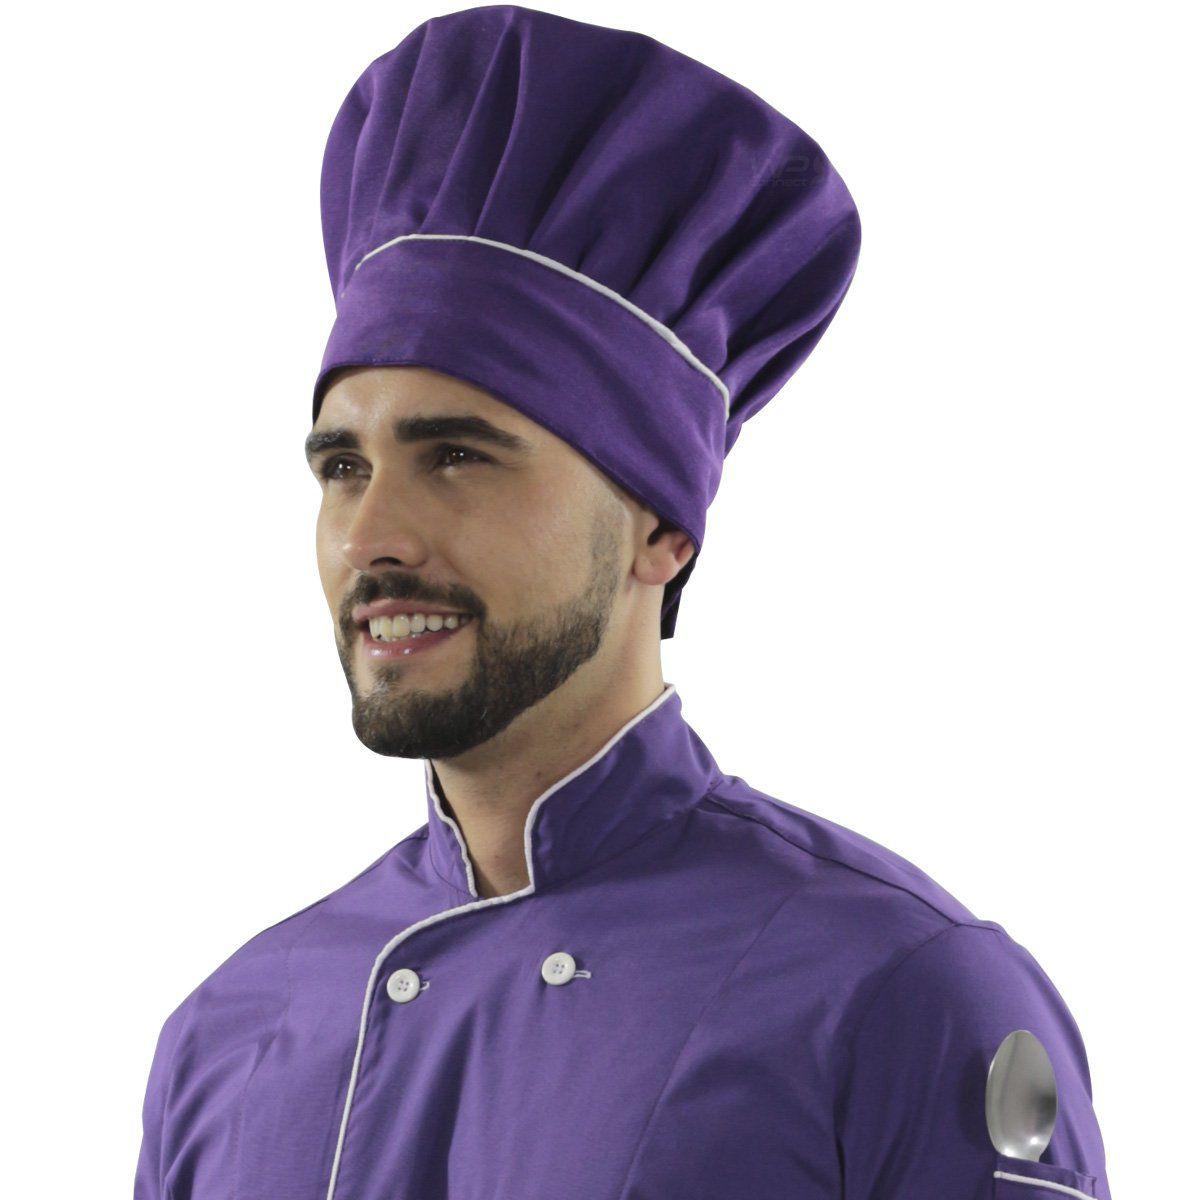 Chapéu Ajustável Confeiteira Chef Cozinha - Roxo/Branco